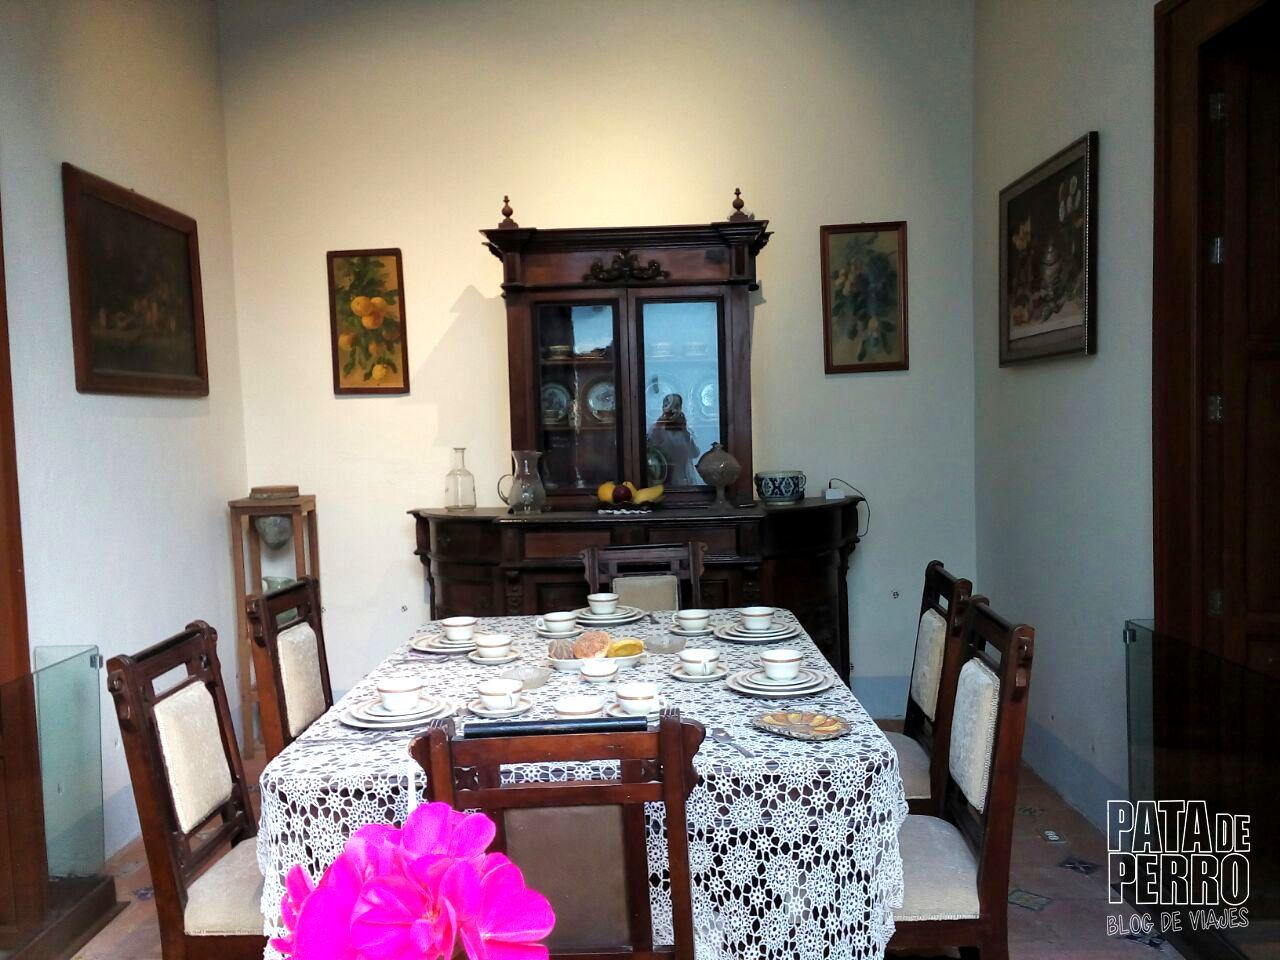 museo-regional-de-la-revolucion-mexicana-casa-de-los-hermanos-serdan-pata-de-perro-blog-de-viajes07